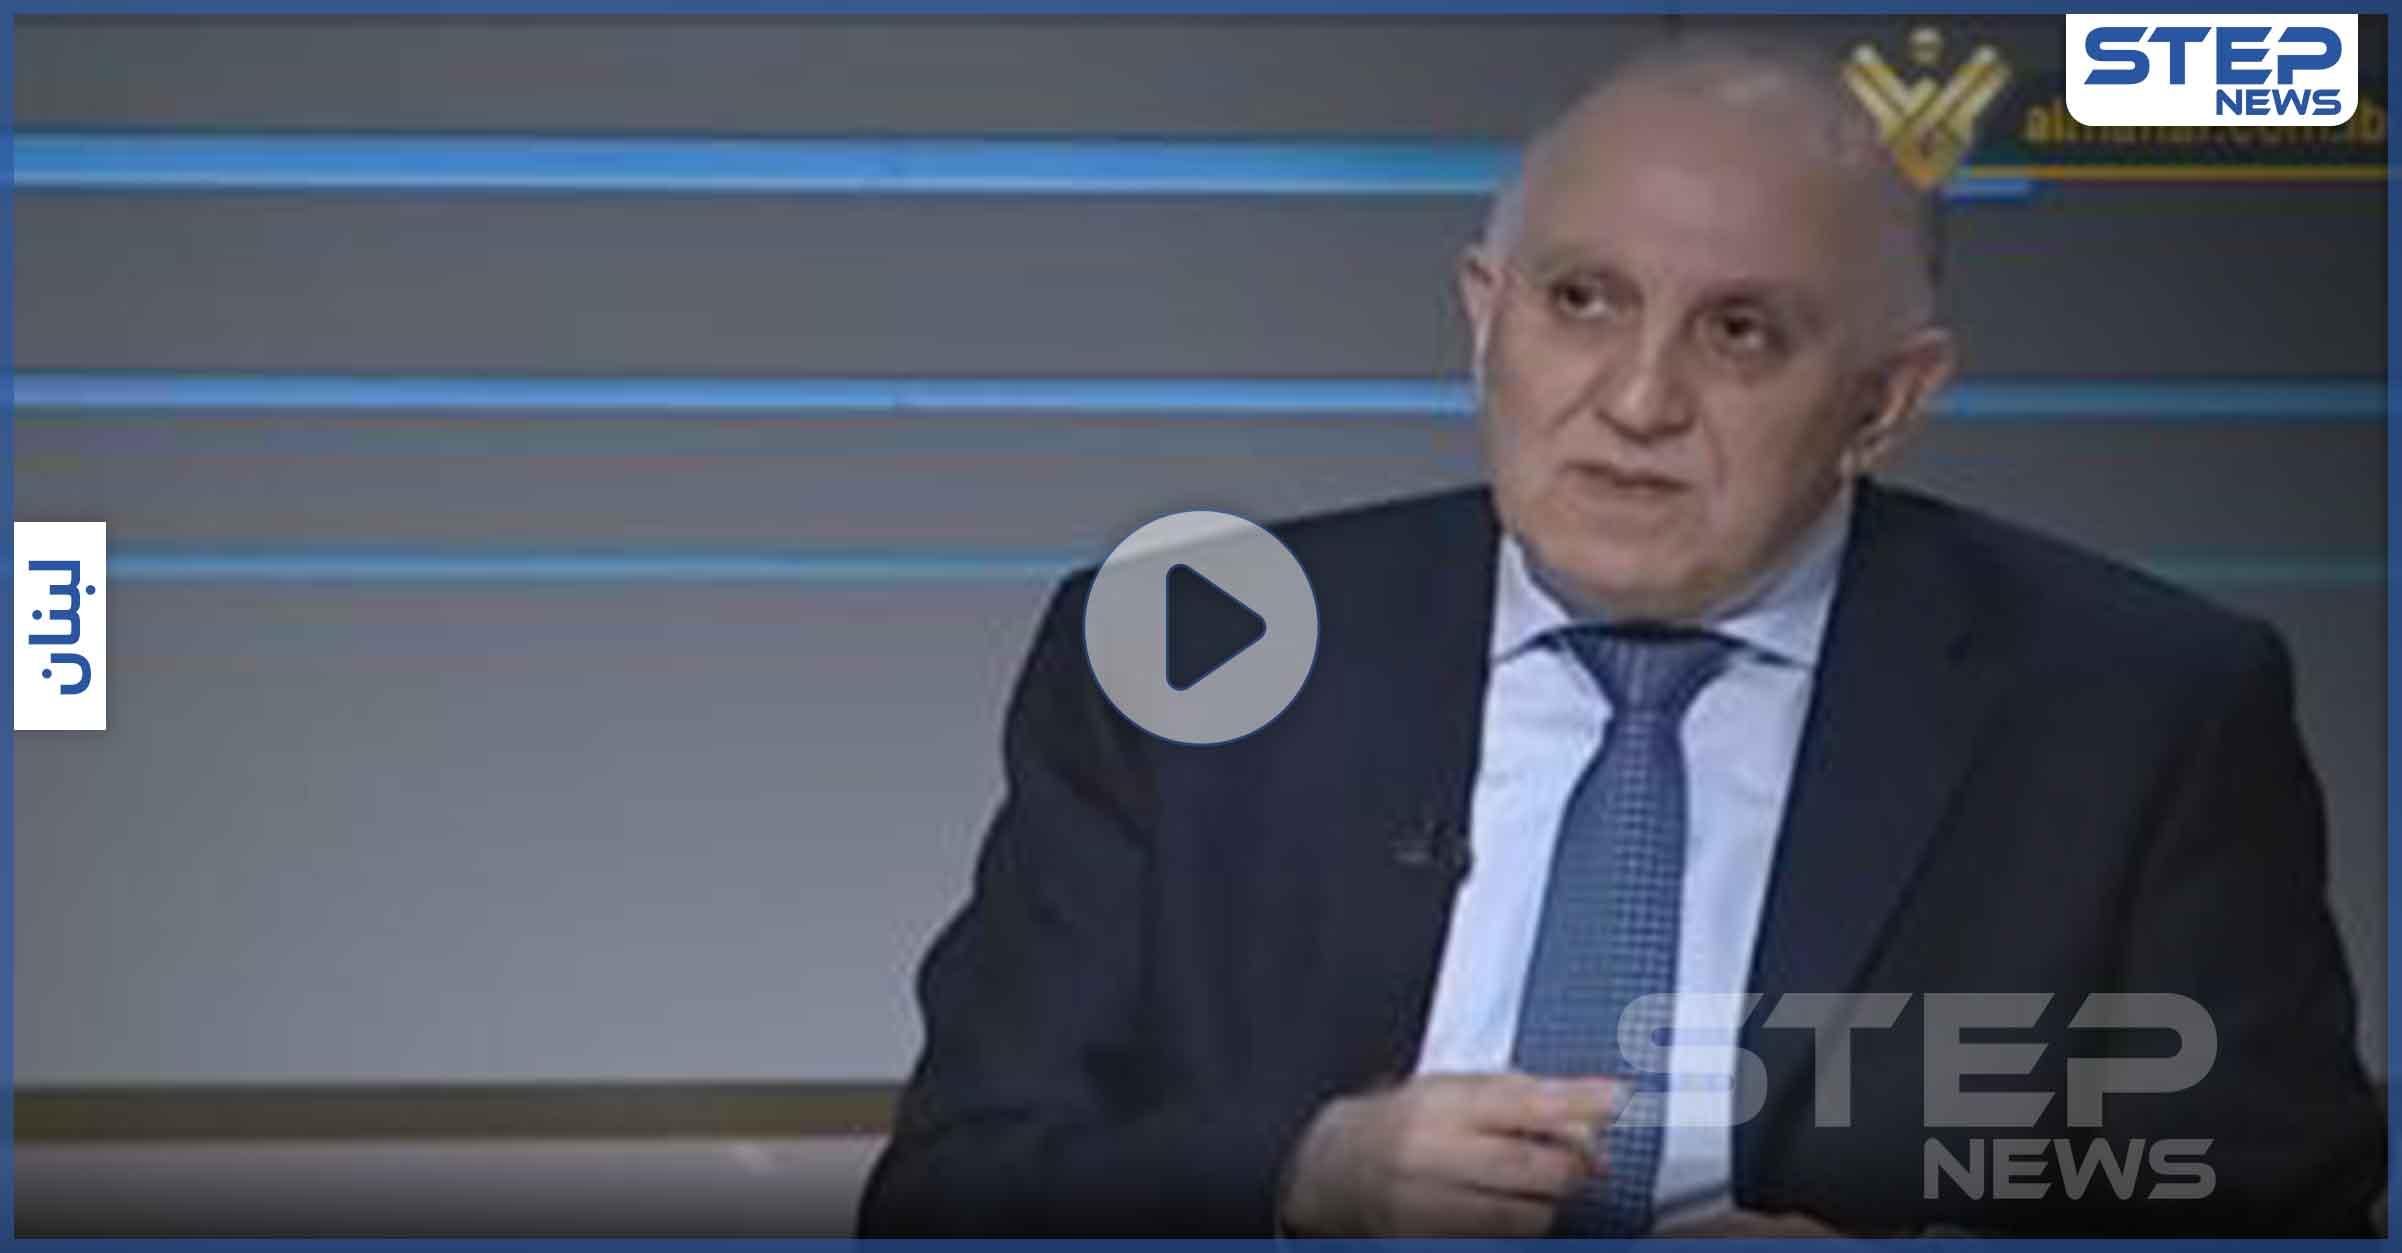 """فيديو    ردود فعل واسعة بين اللبنانيين بعد اعتراف وزير الداخلية محمد فهمي بقتله لـ """"شخصين"""""""